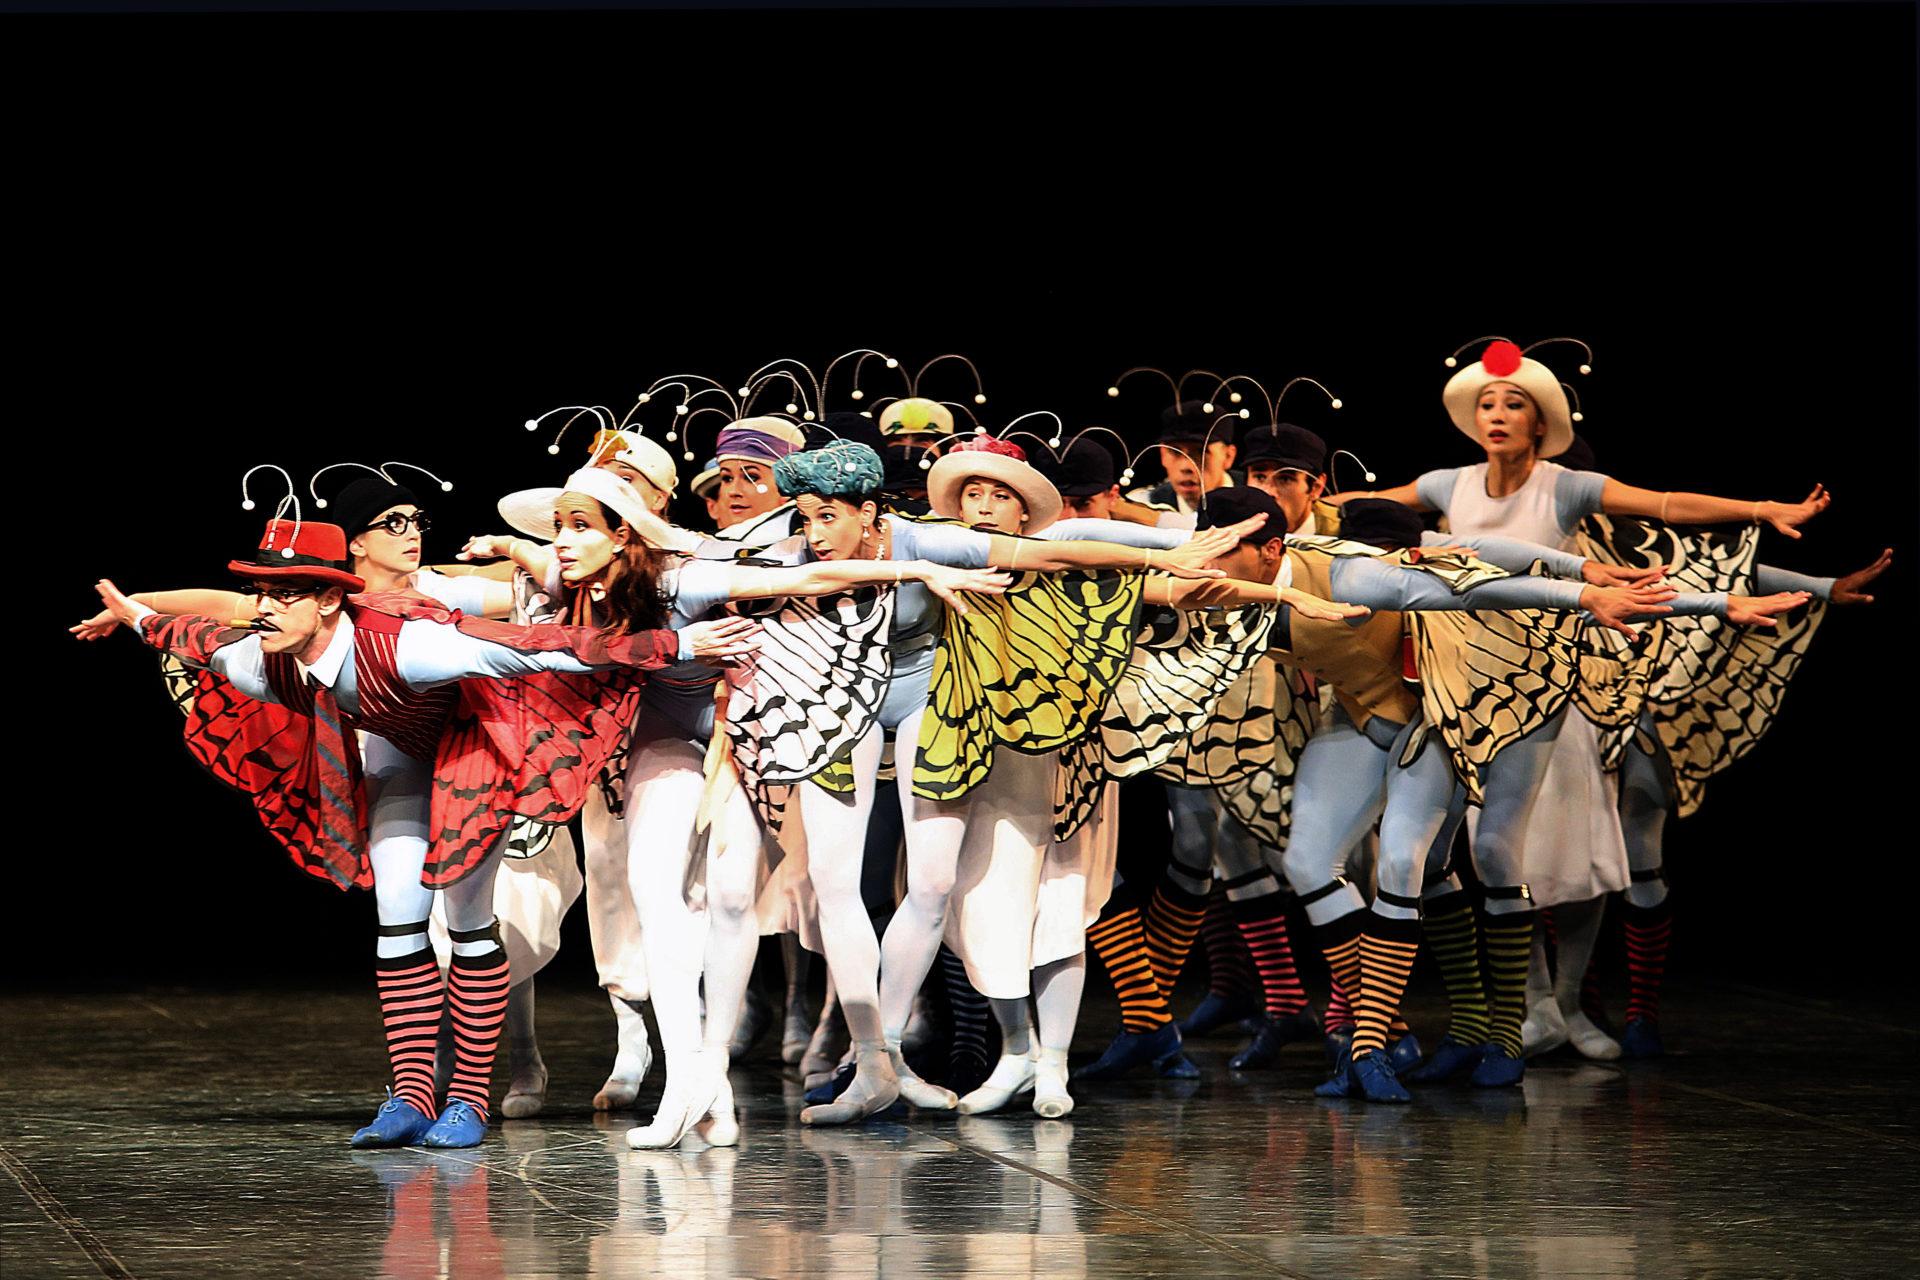 Chopin_Dances_HH_Ballett_Foto_AnjaBeutler.de_461